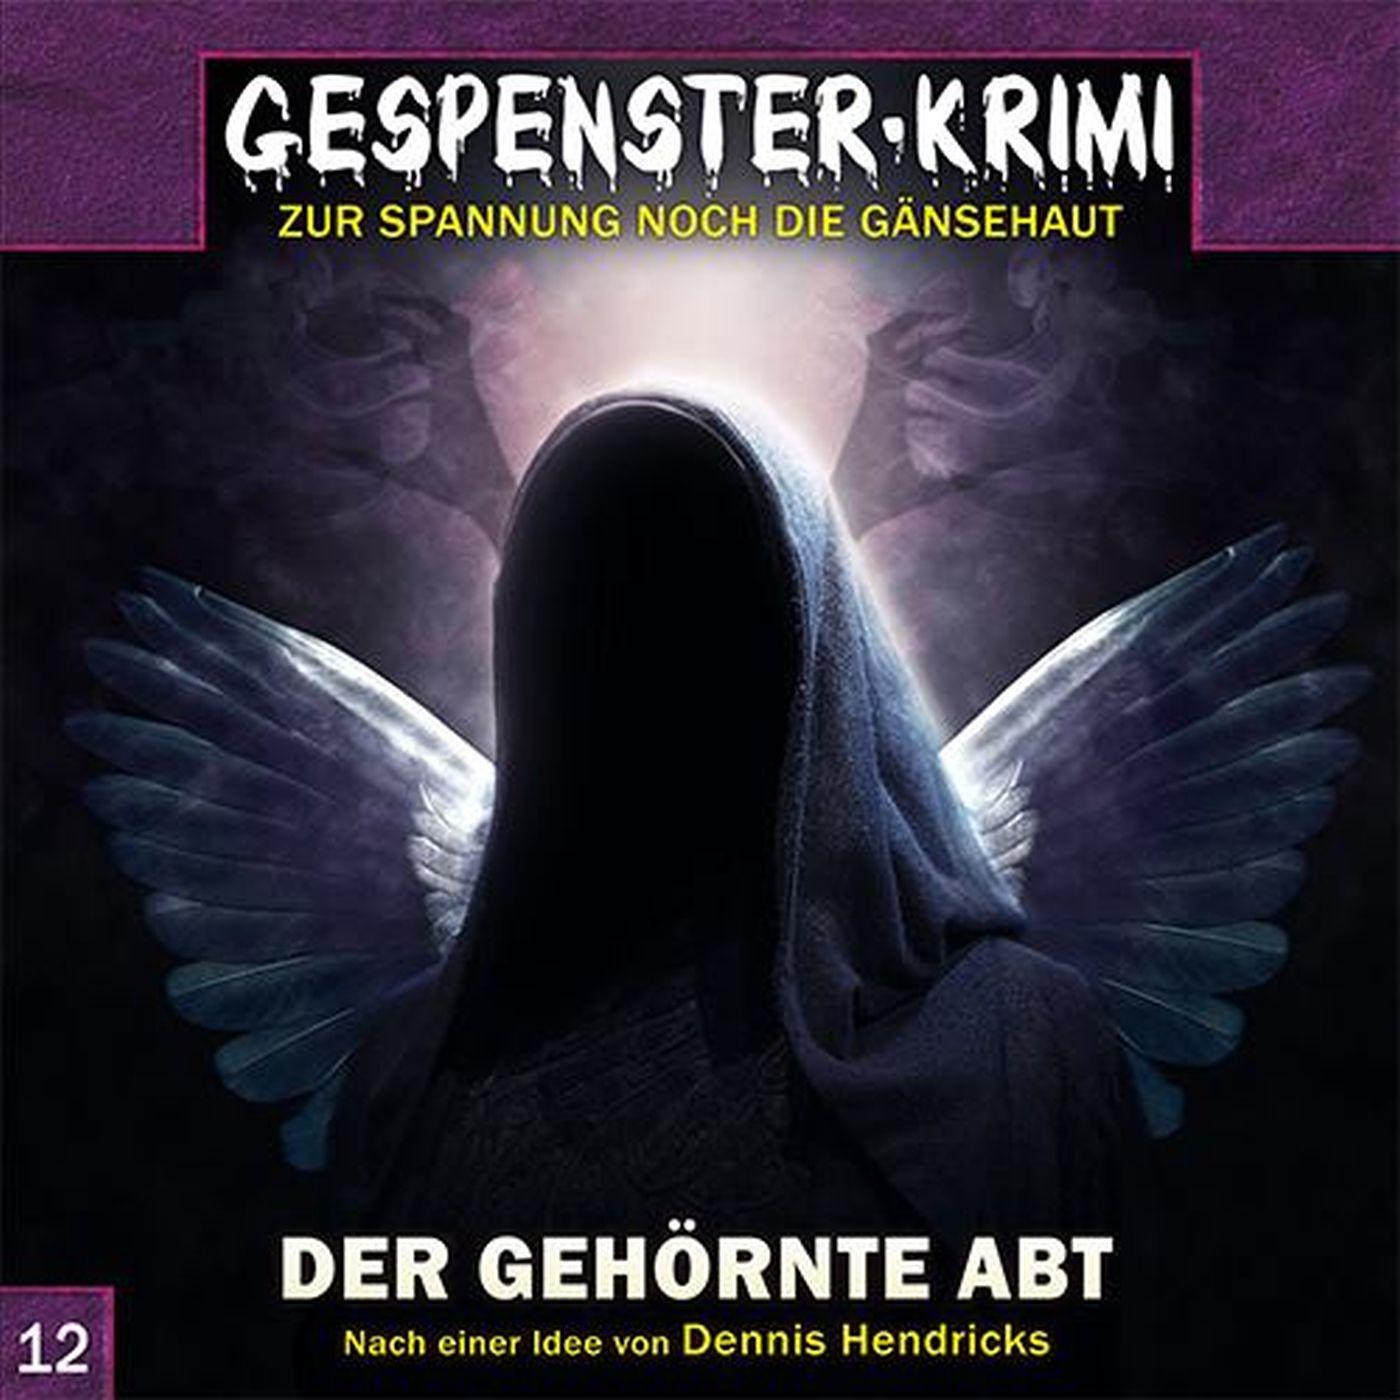 Gespenster Krimi - Folge 12: Der gehörnte Abt